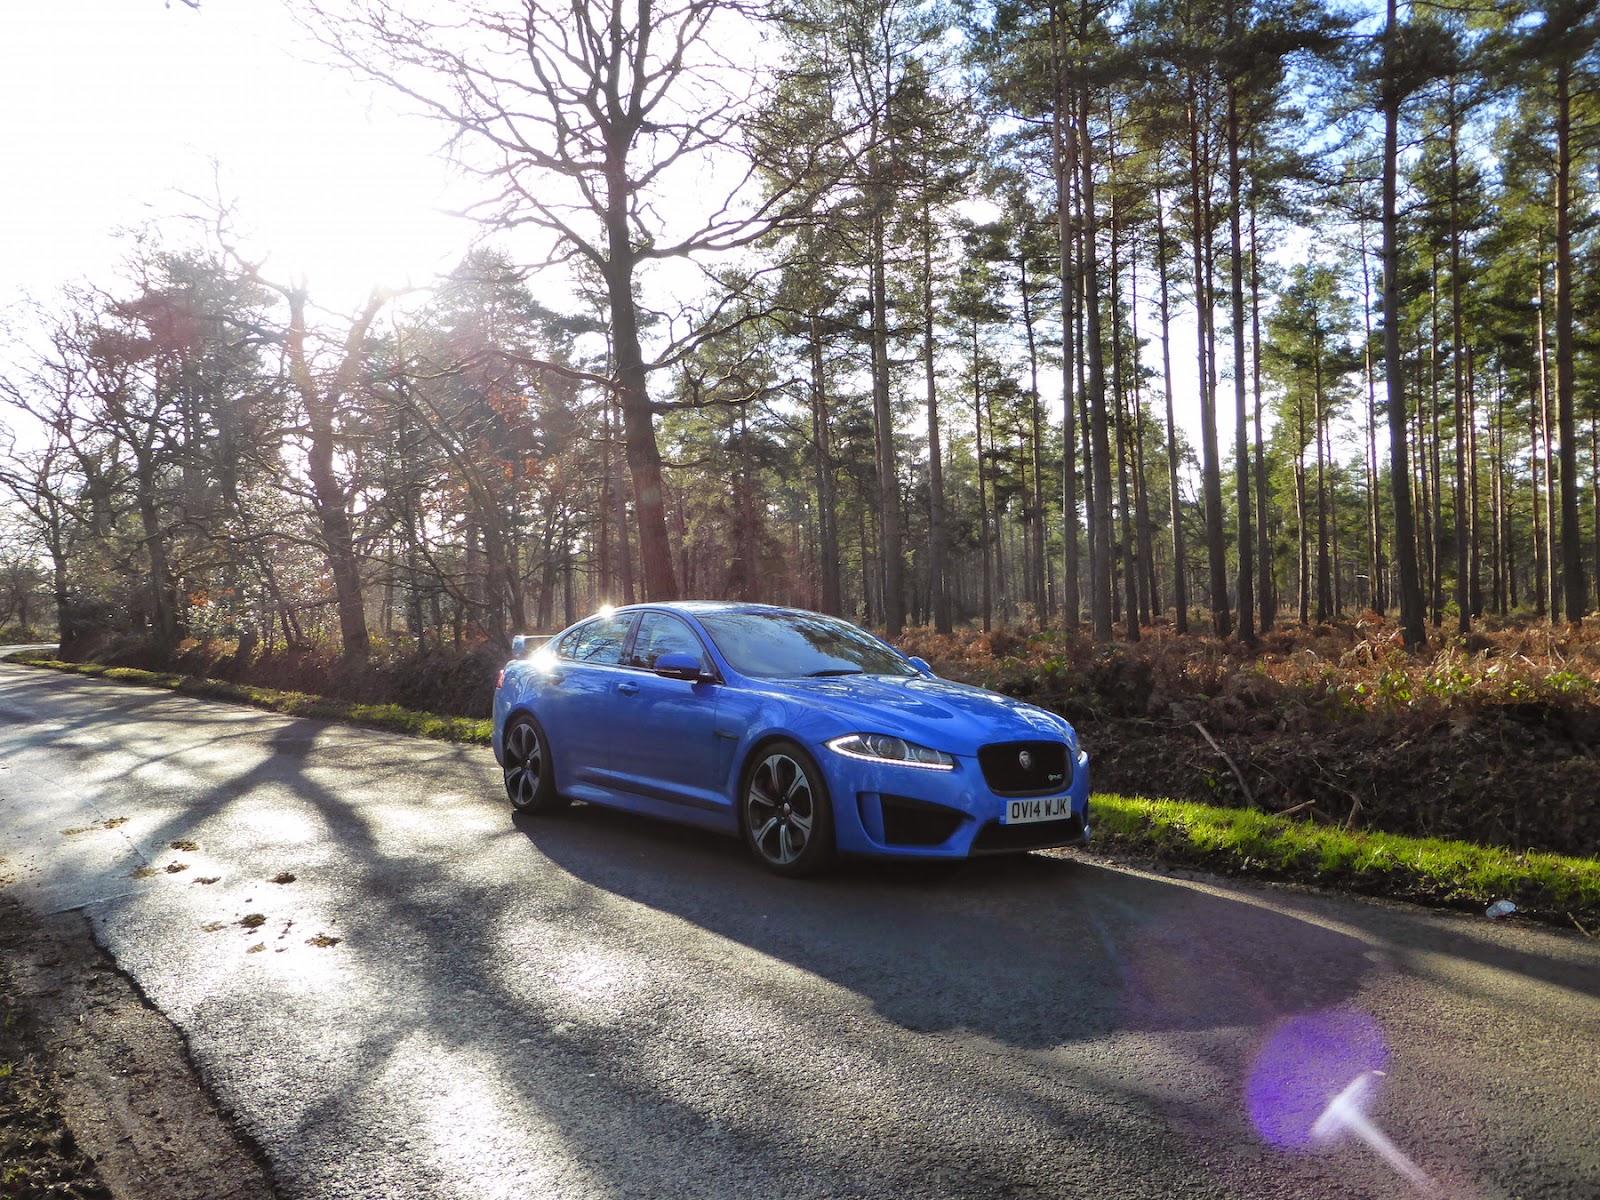 2015 Jaguar XFR-S